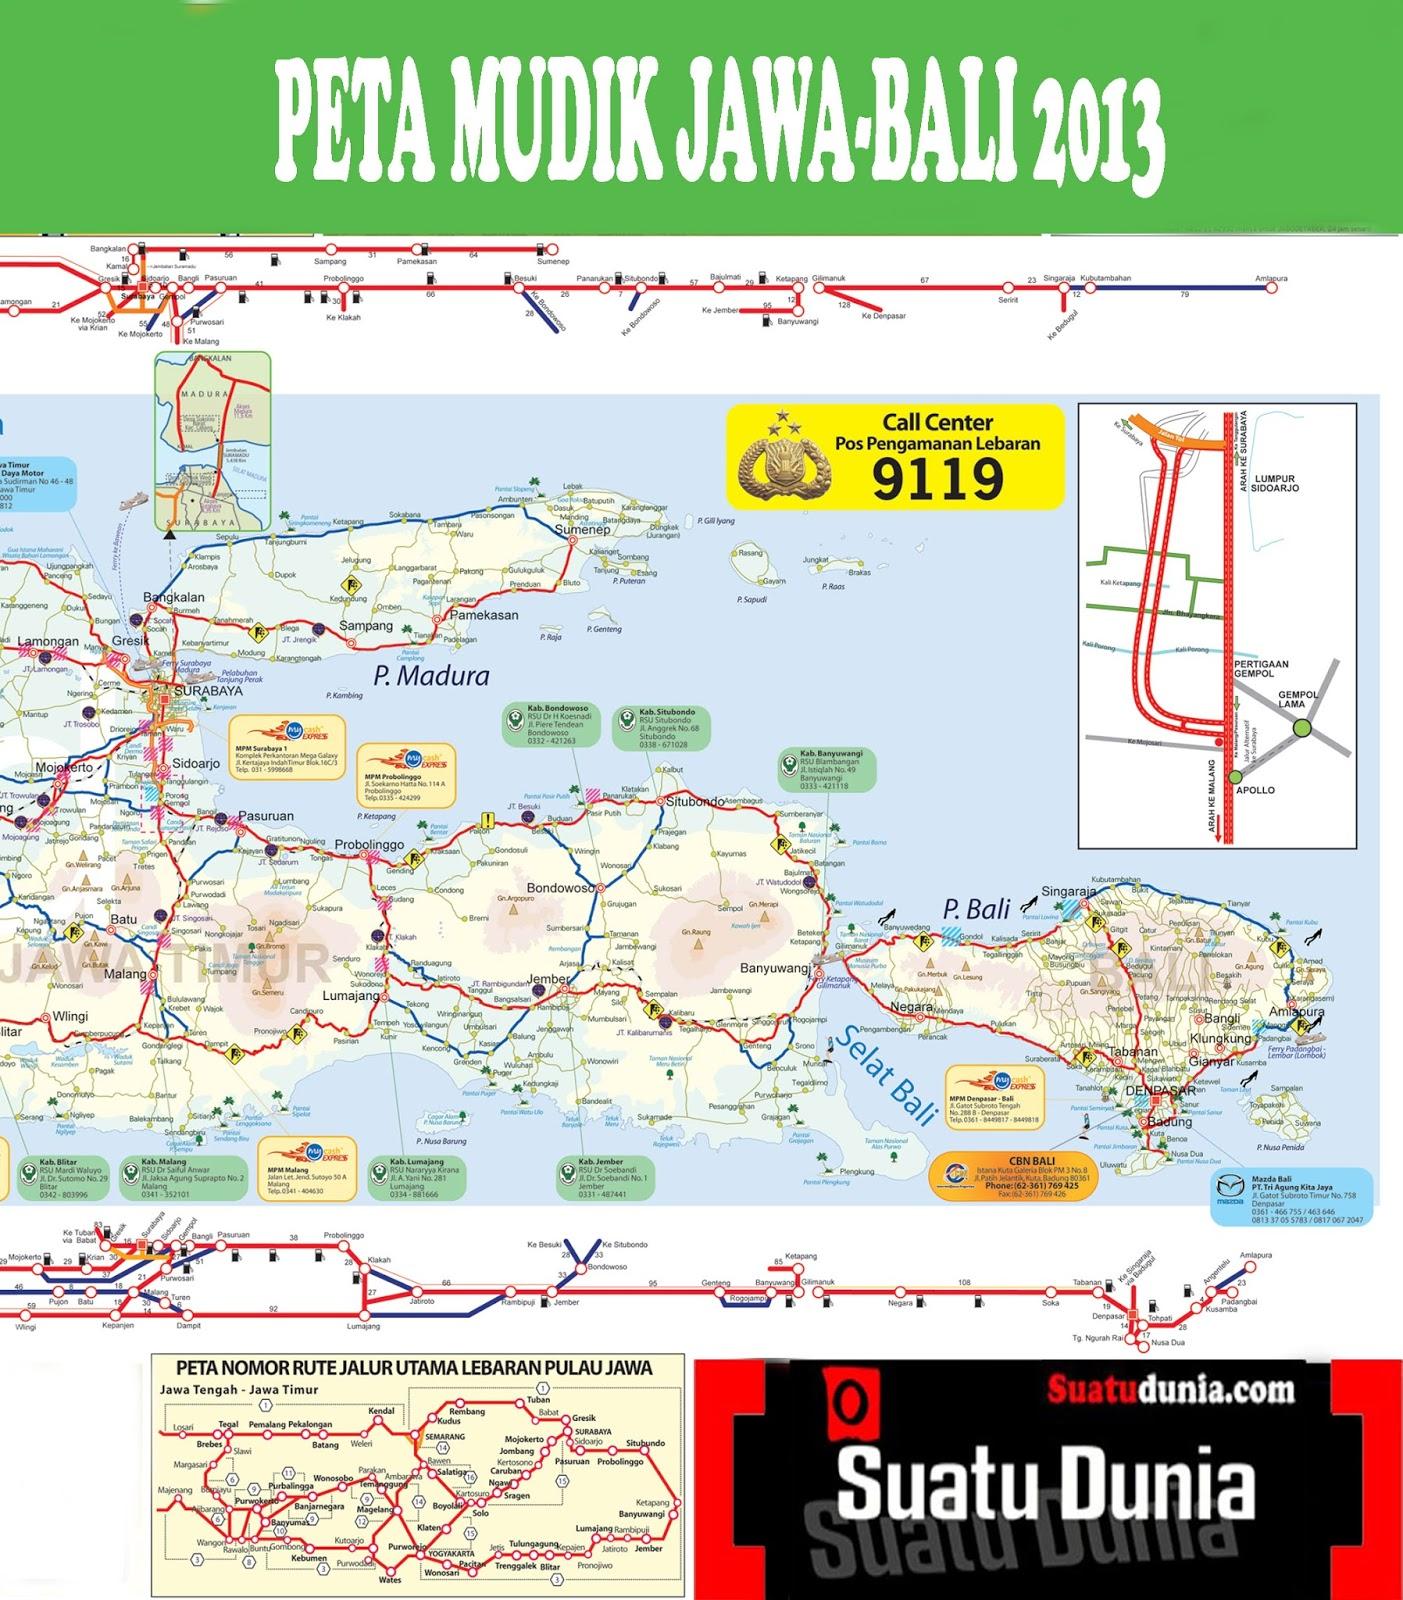 Peta Mudik Jawa Bali 2013